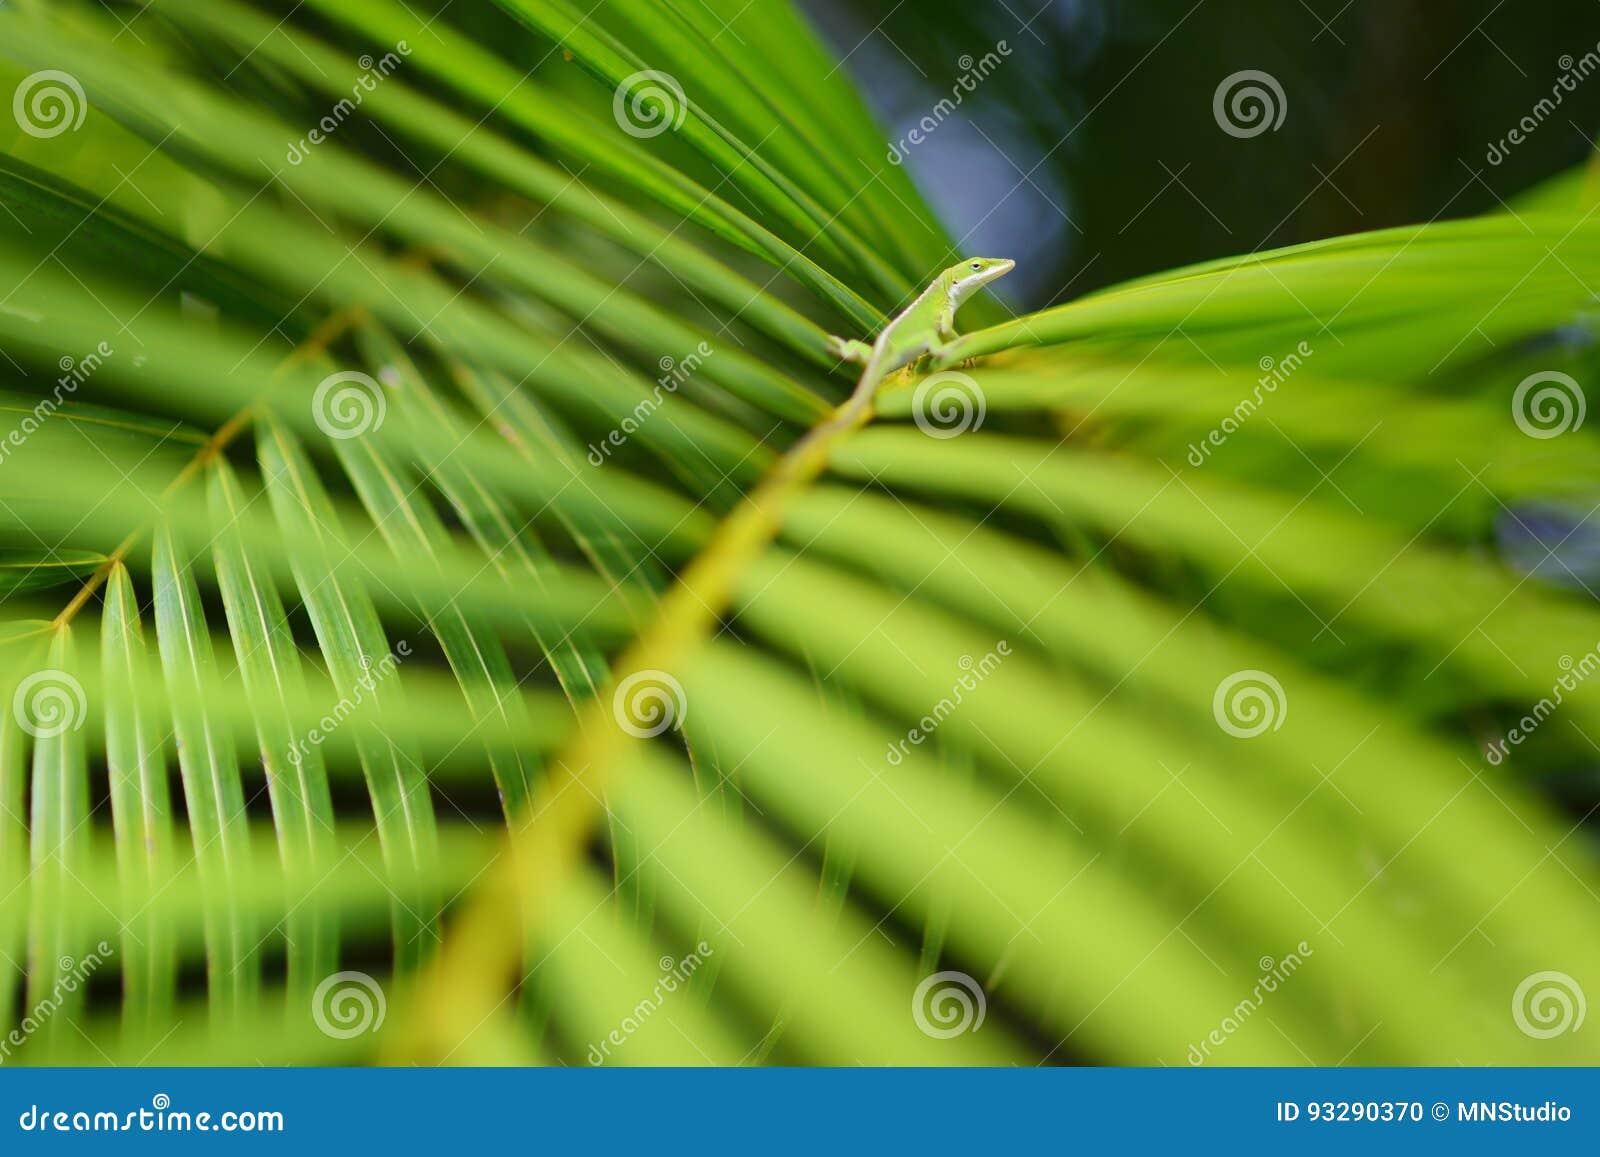 Gekko het ontspannen op groen tropisch blad